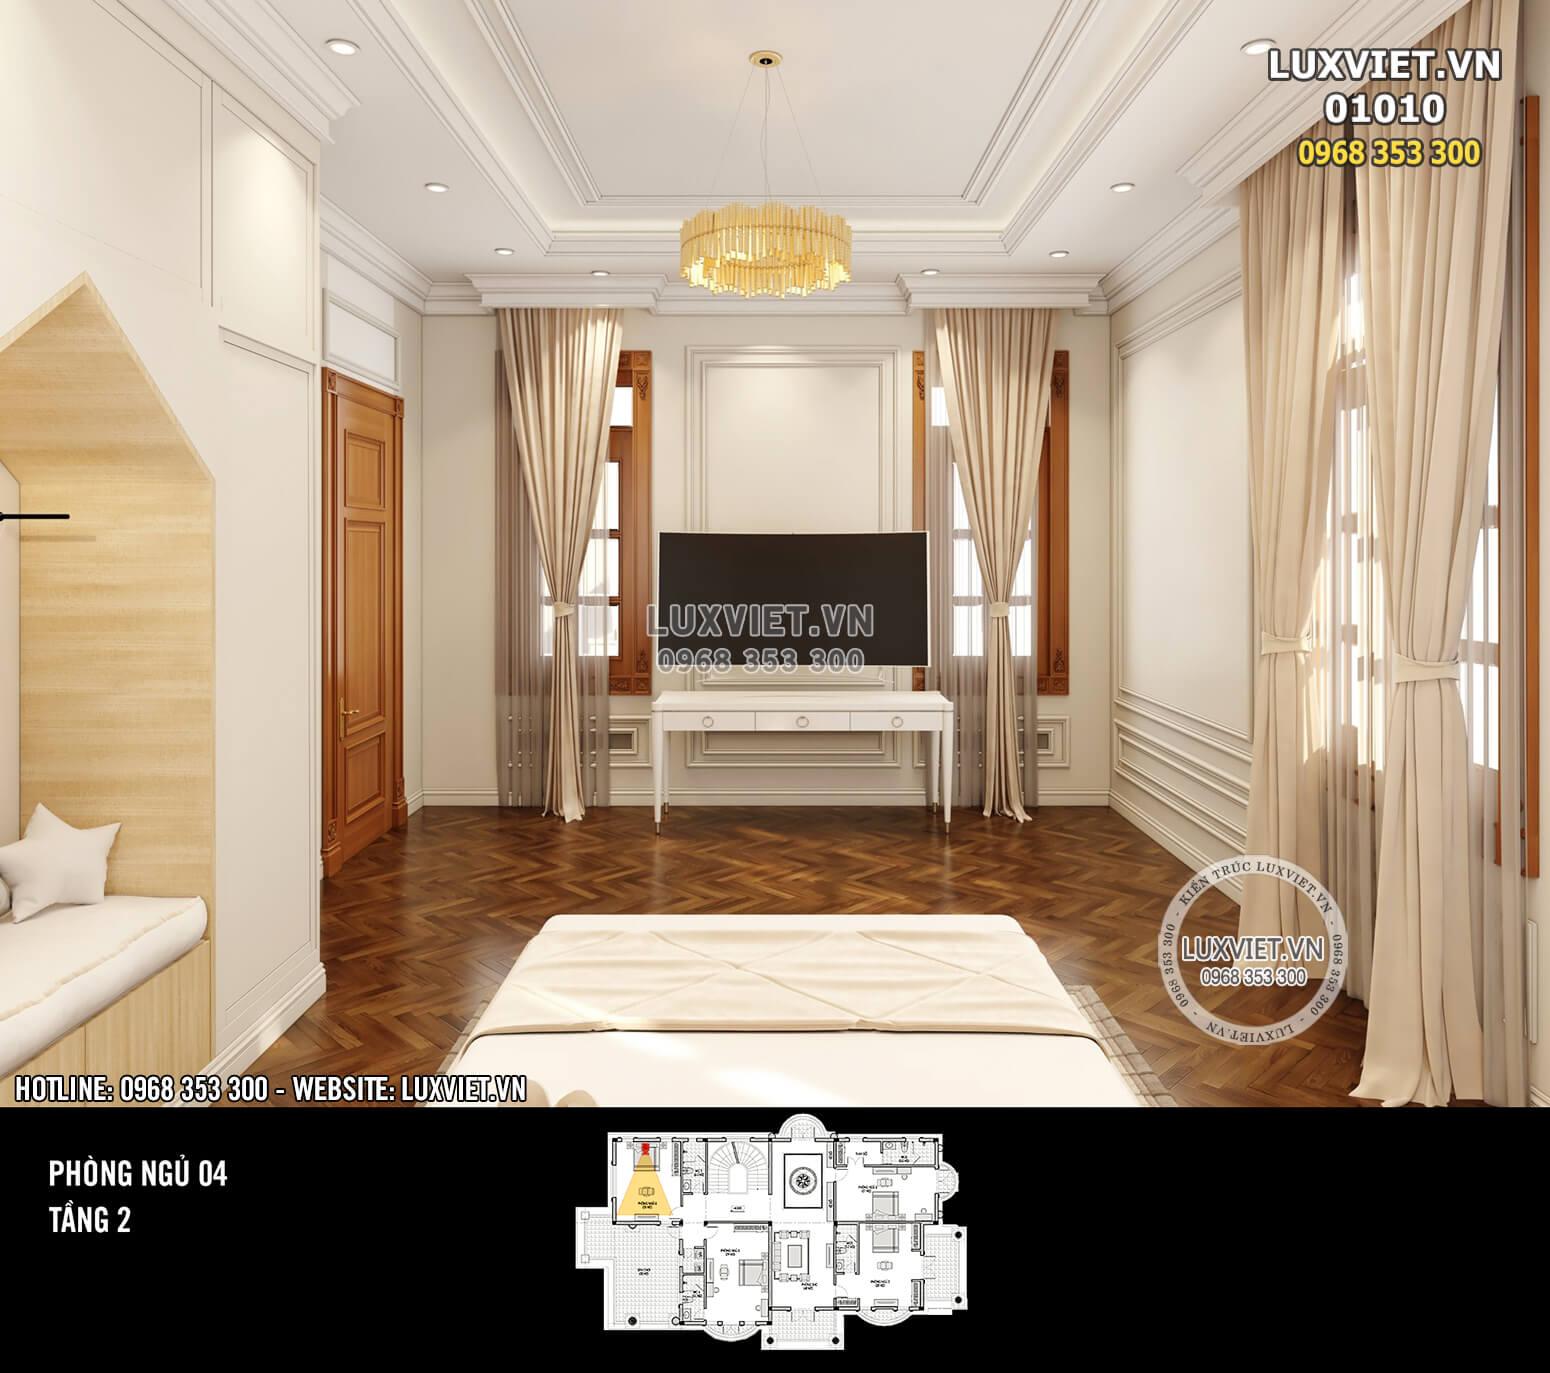 Hình ảnh: Thiết kế phòng ngủ tân cổ điển sang trọng và tiện nghi - LV 01010